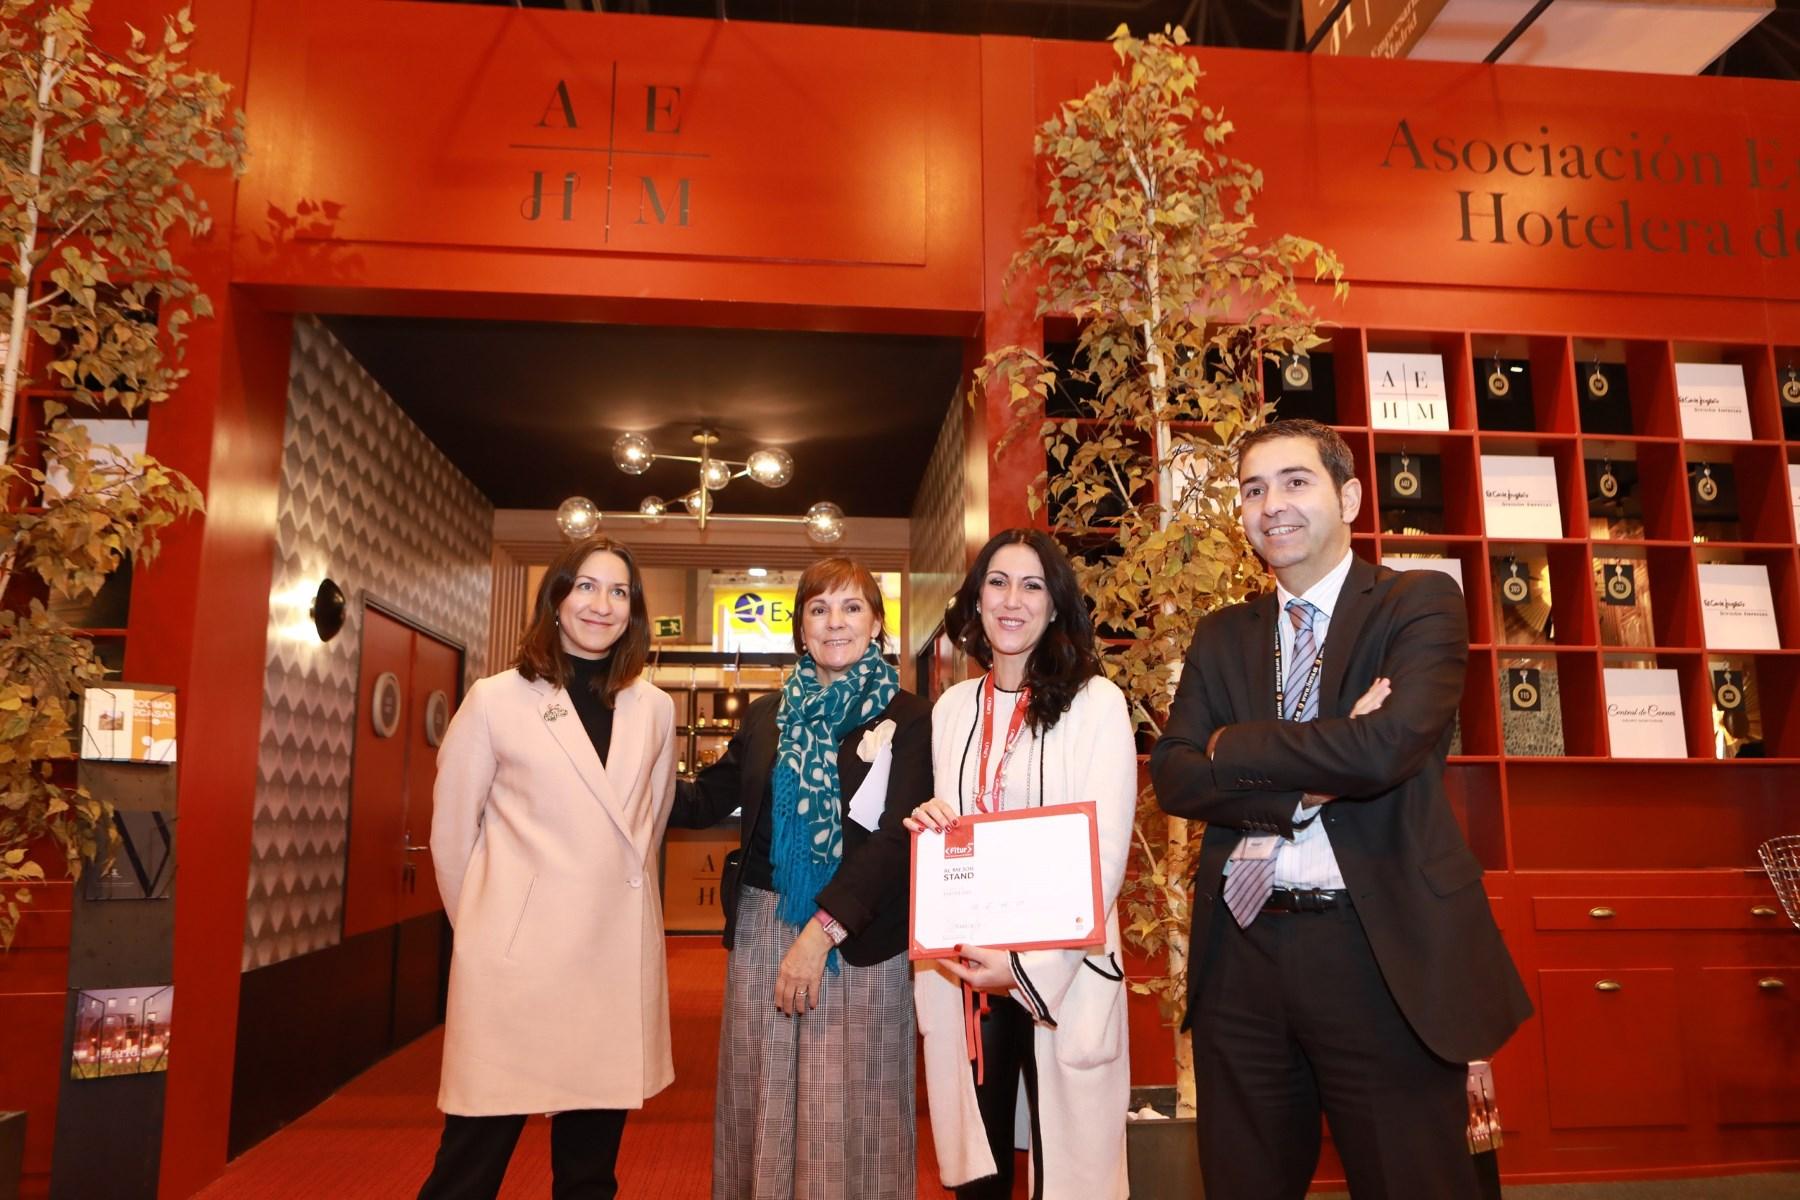 """El Stand De La Asociación Empresarial Hotelera De Madrid Recibe El Galardón """"Premios A Los Mejores Stands De FITUR 2018"""""""